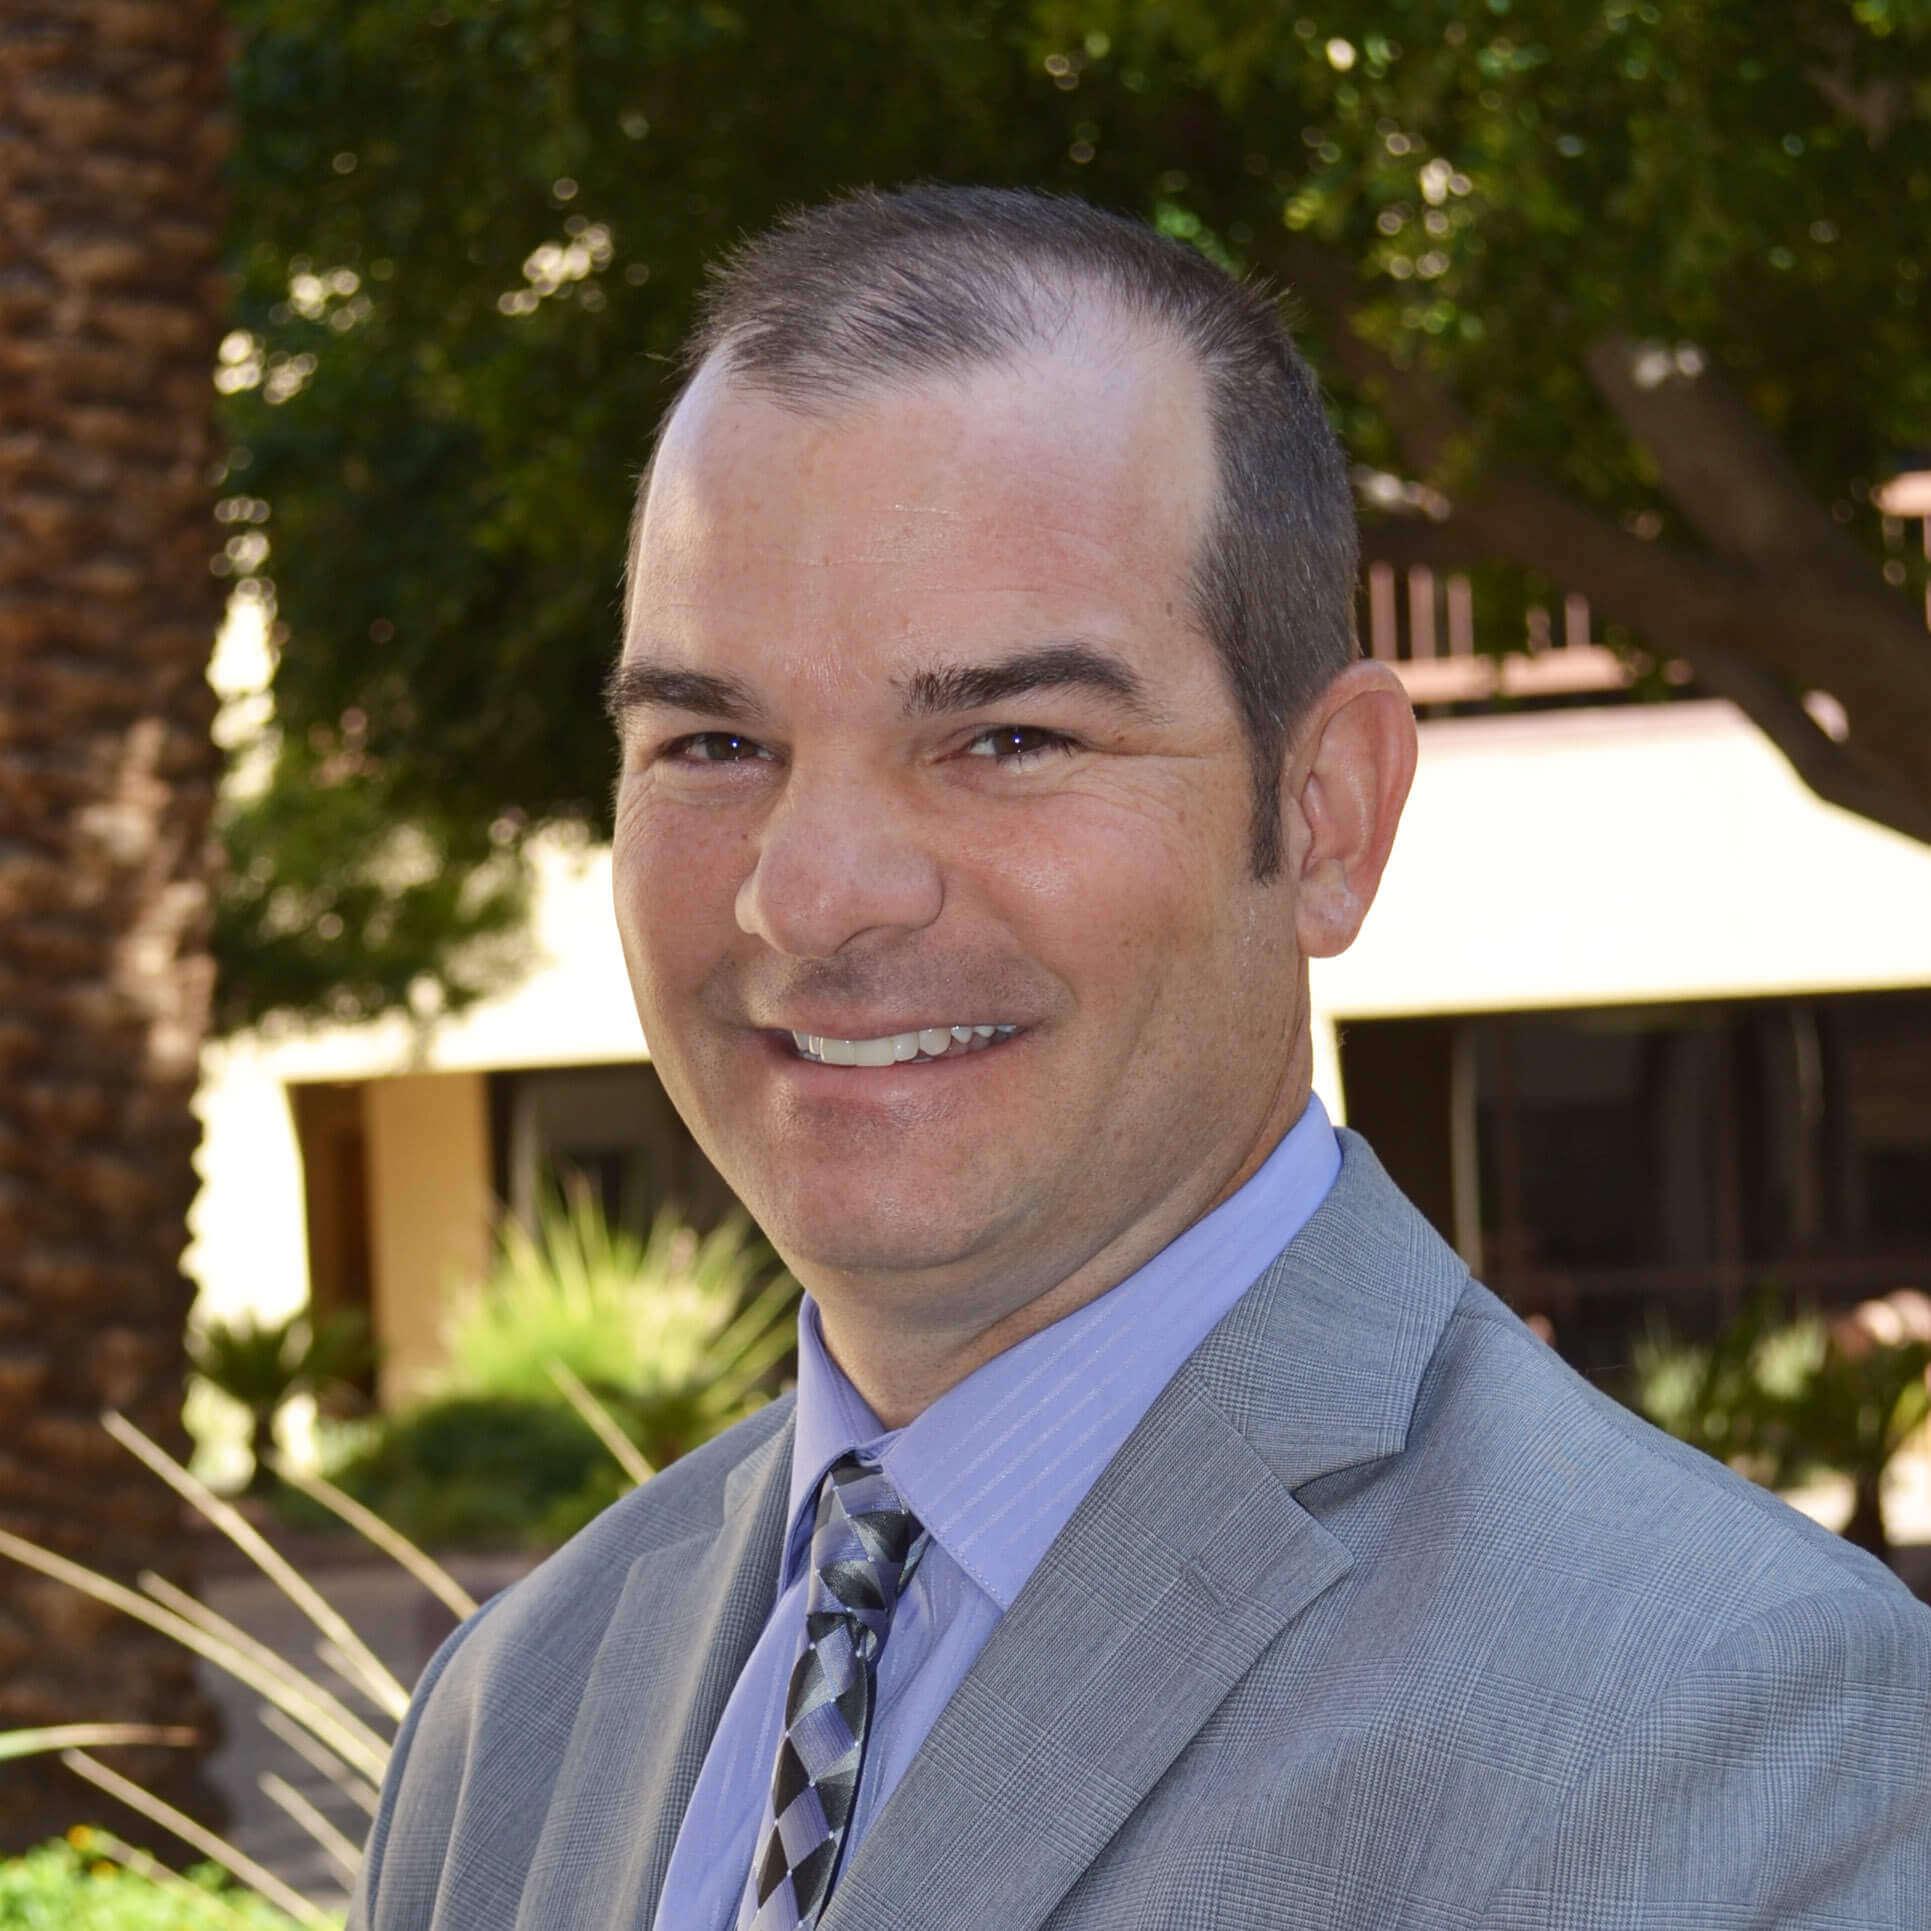 Carter Wilcoxson, Founder of CSI Financial Group